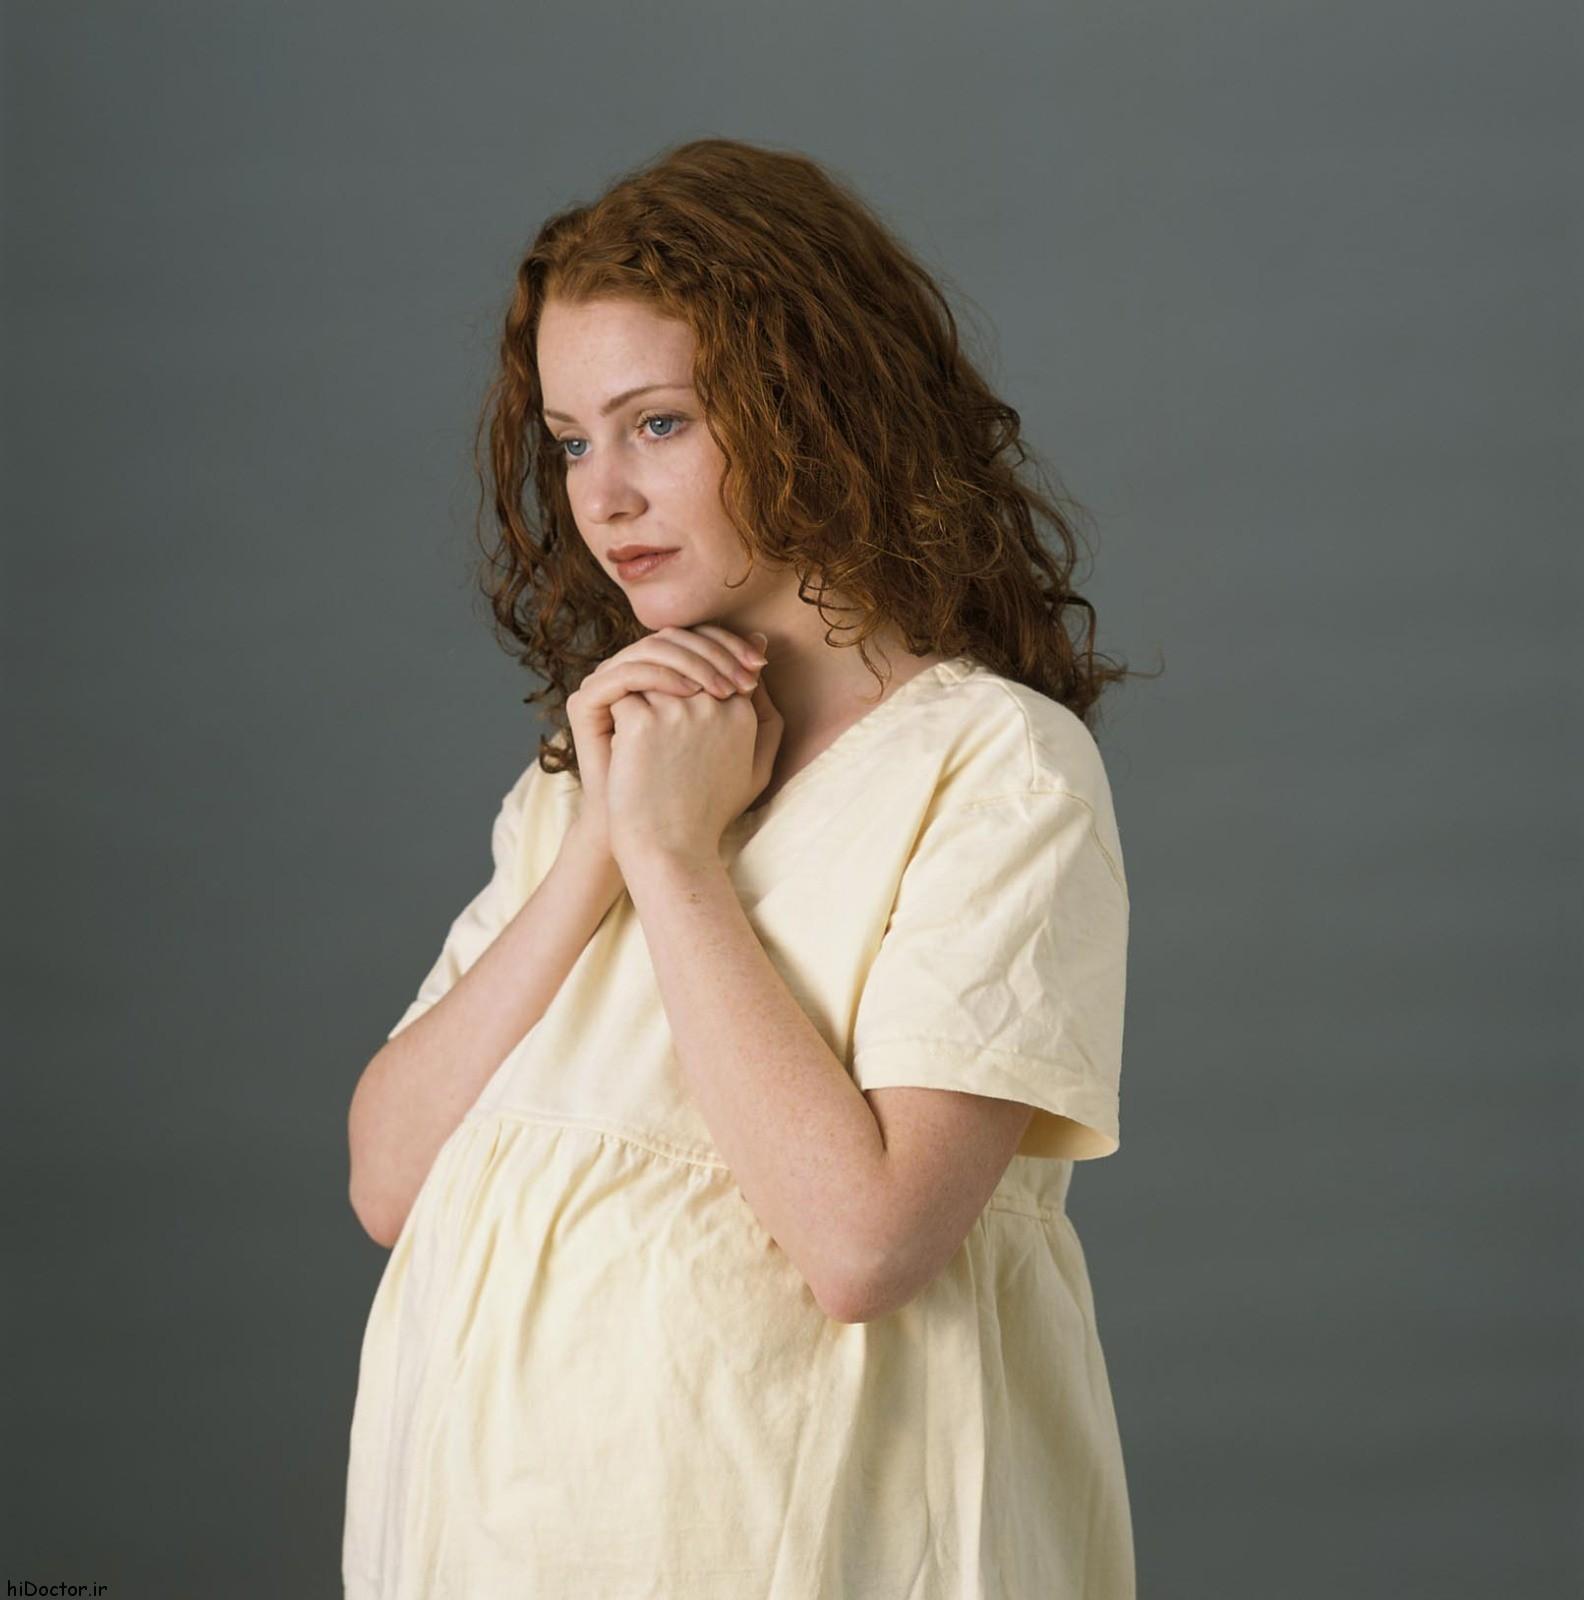 مواردی که باید در دوران حاملگی دانست+ مراقبت های دوران بارداری